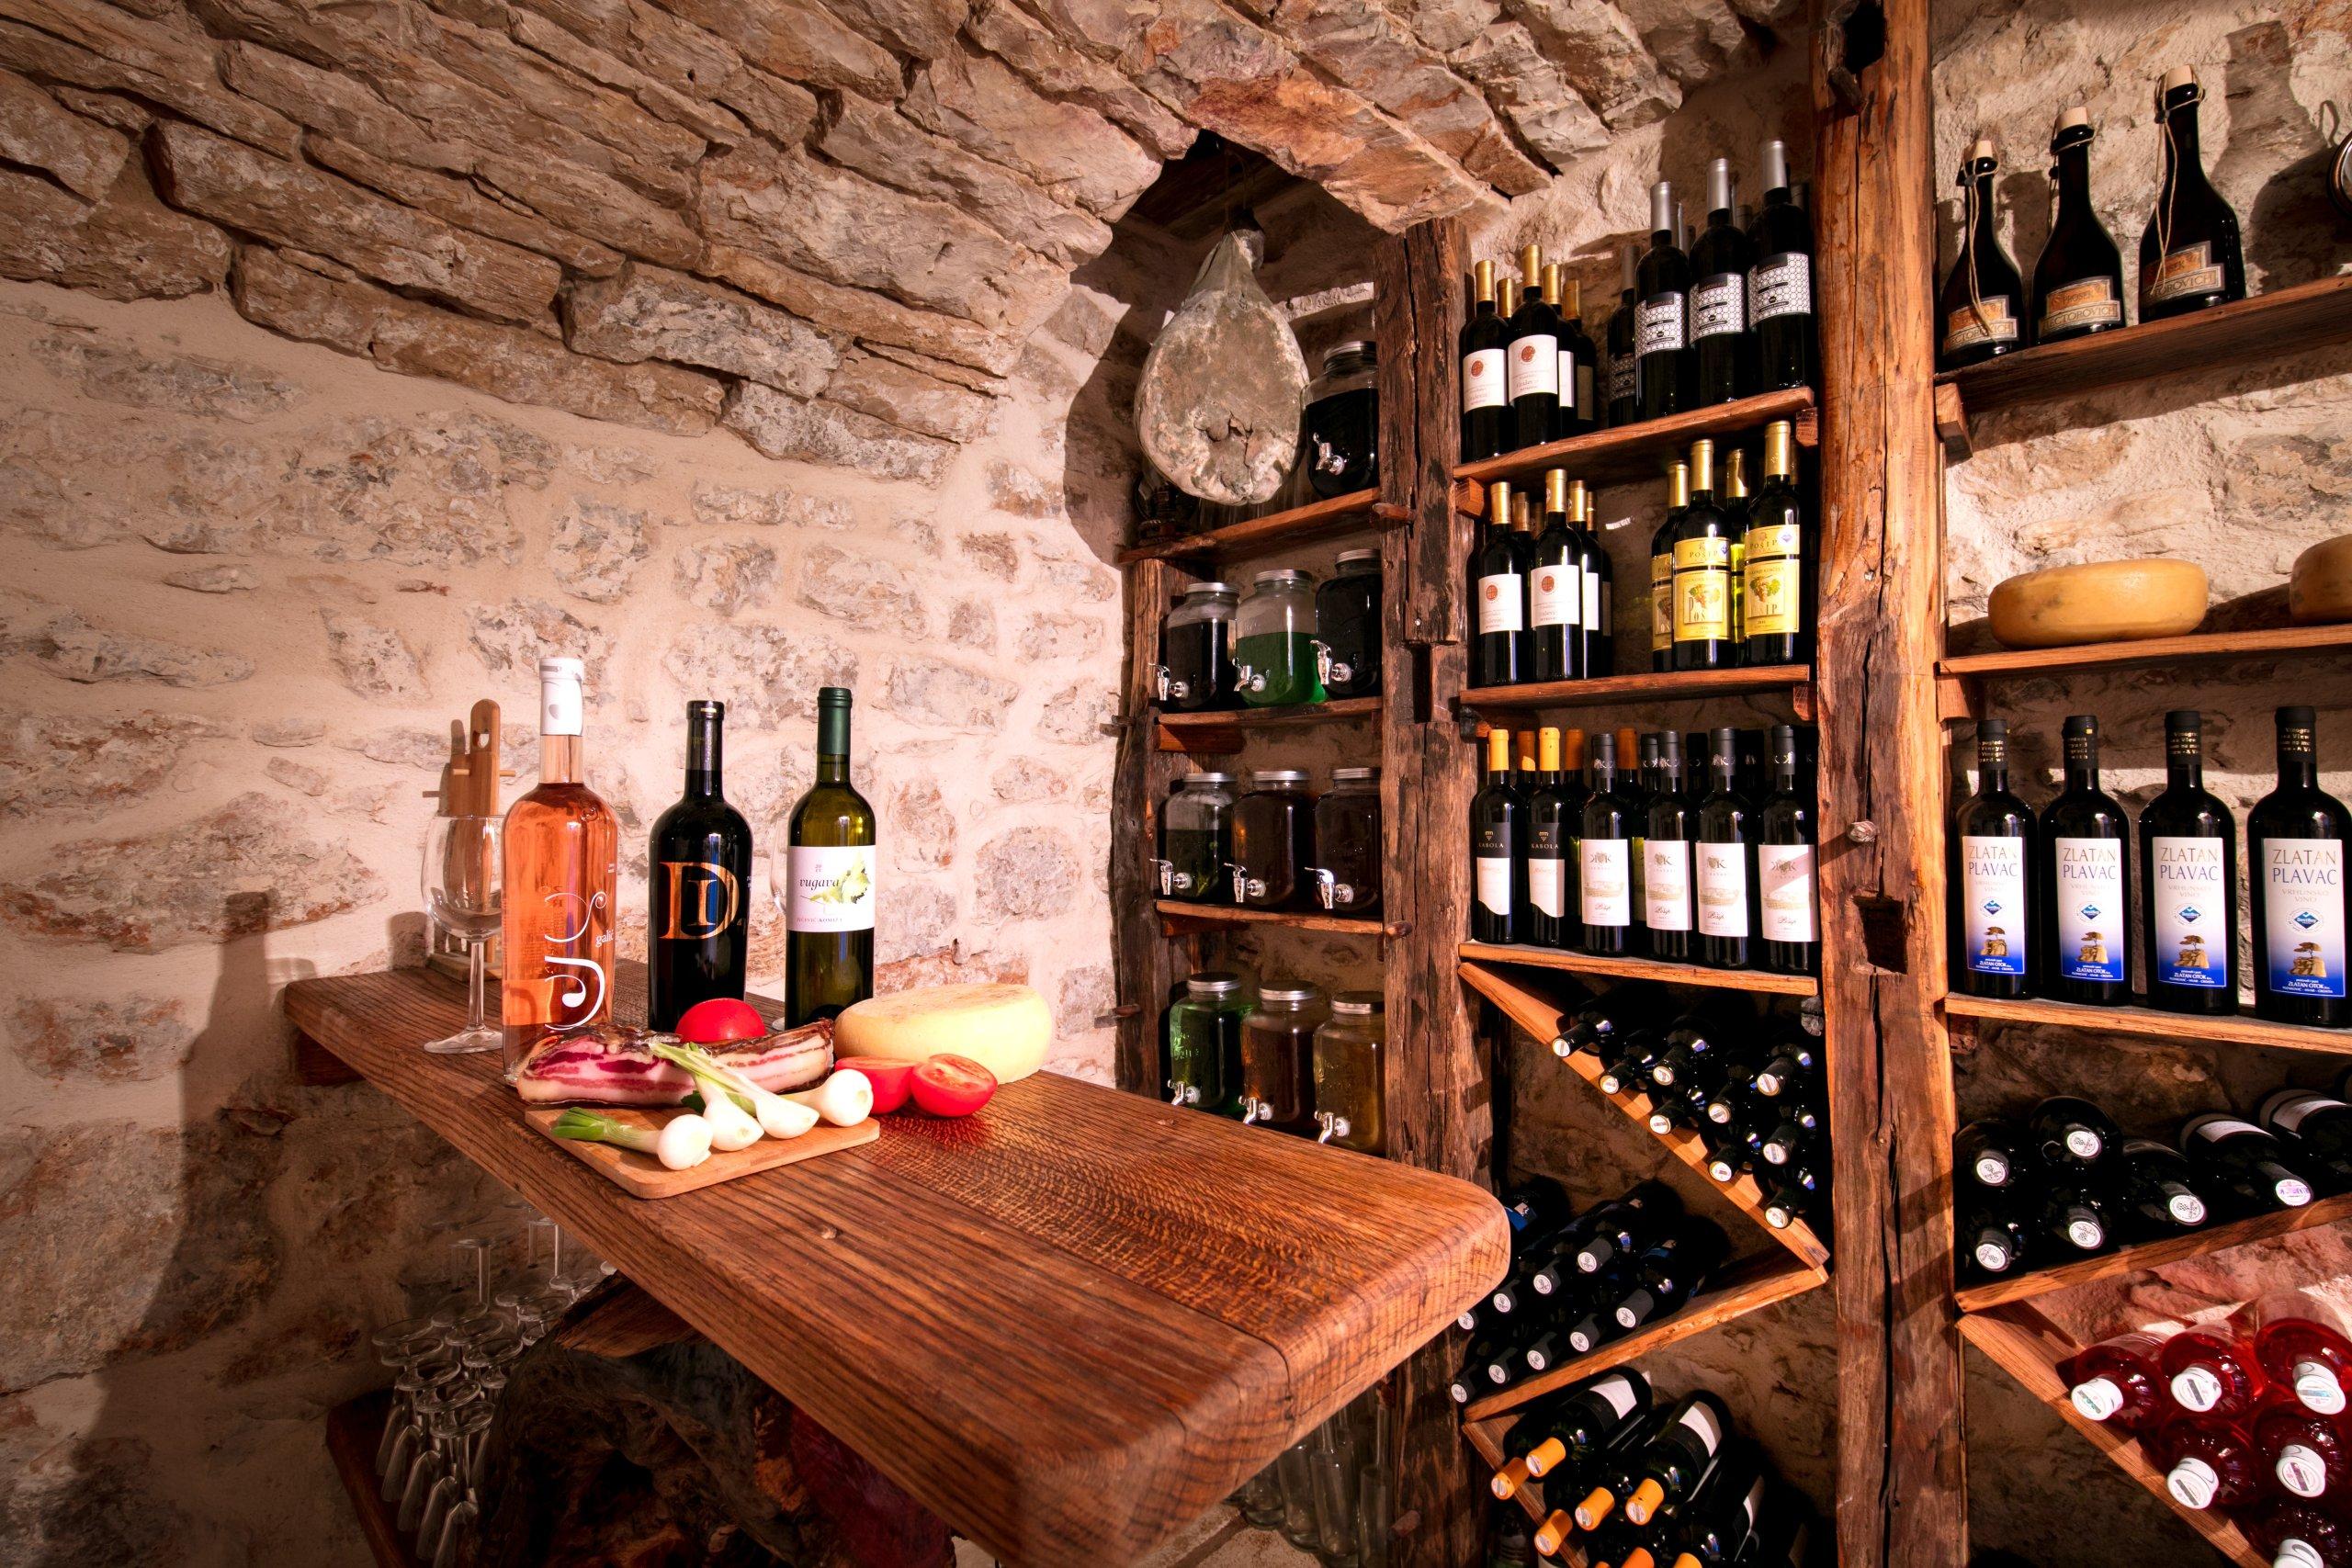 Tuscany at home